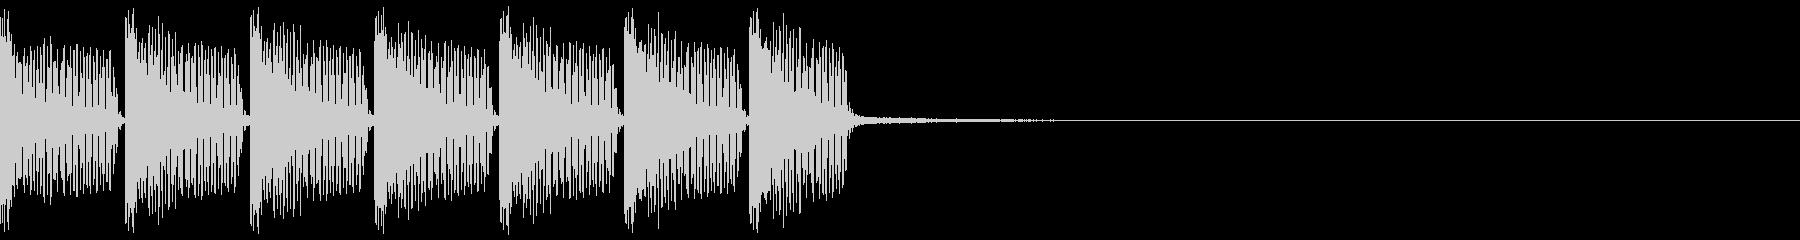 掛け声主体のEDMジングルの未再生の波形